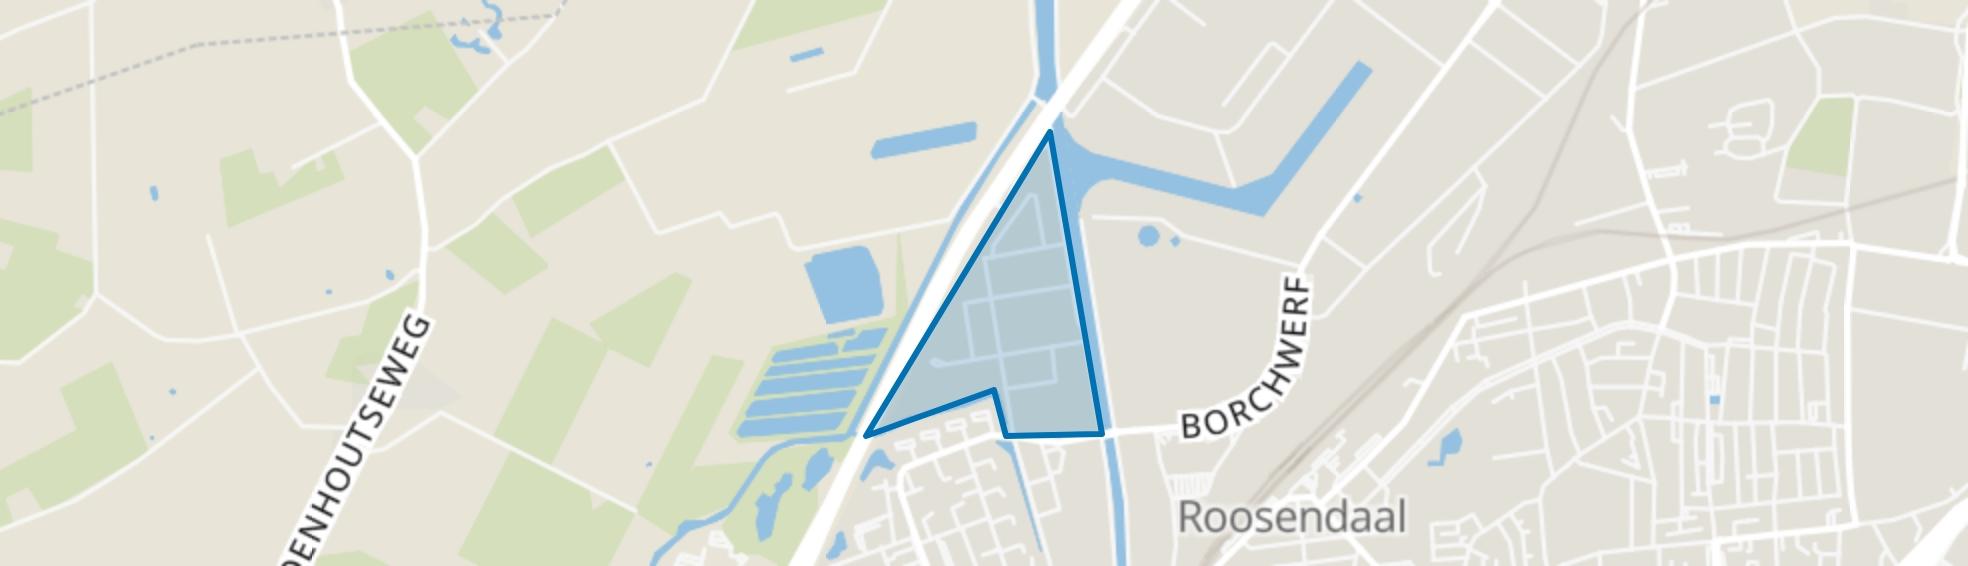 Borchwerf-Zuid, Roosendaal map